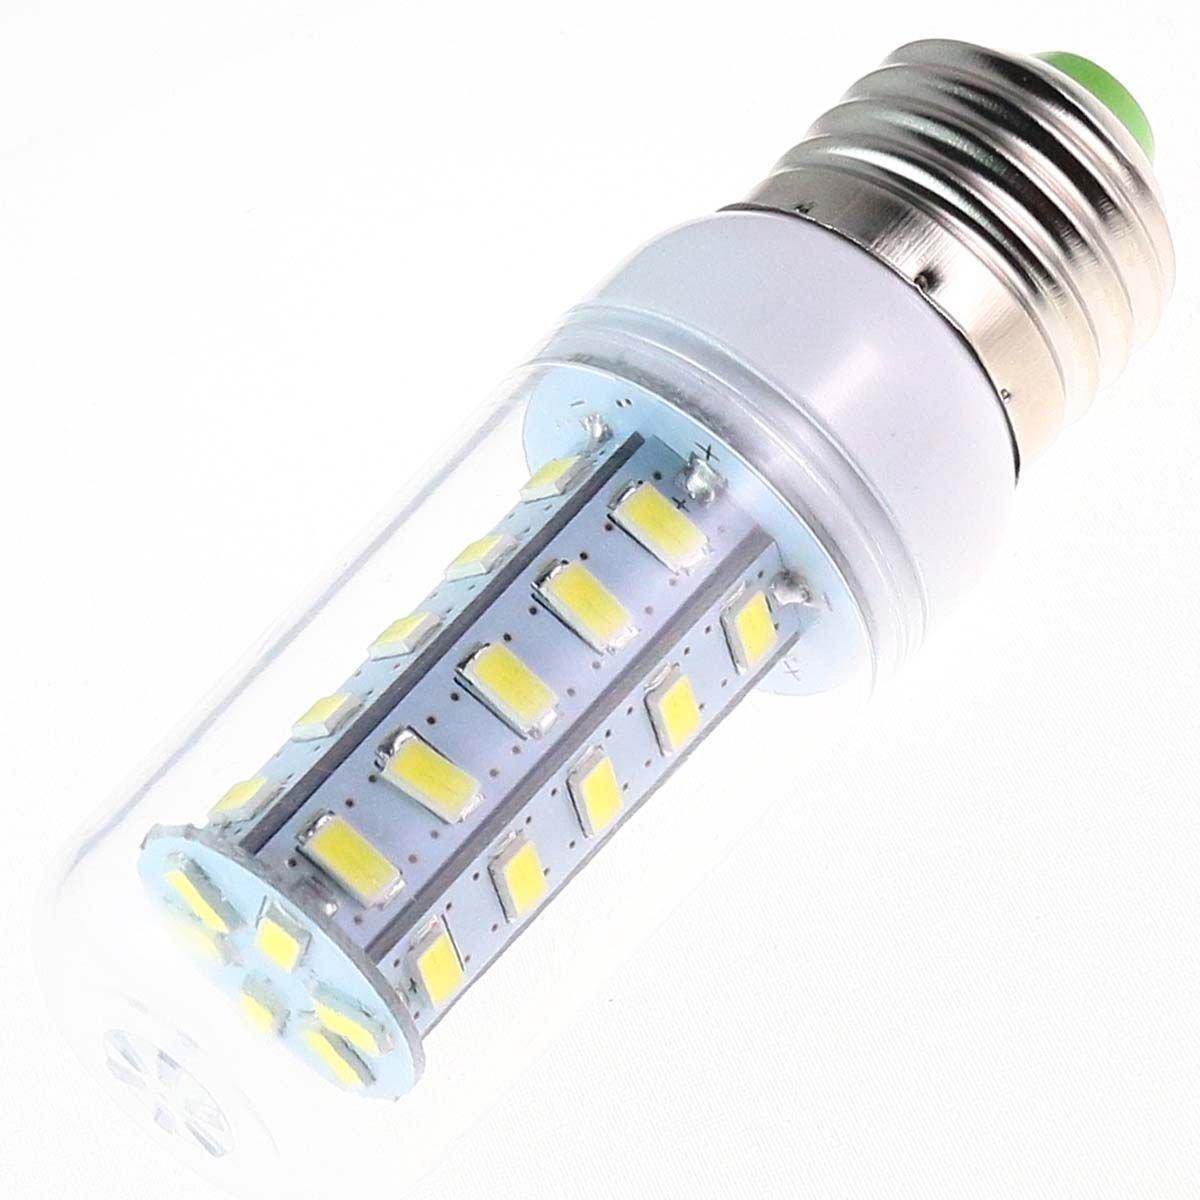 YARUIE E27 7W 630-Lumen 36 SMD 5630 LED Del Maíz Energía Lámpara Bombilla Luz Alta Potencia Con Tapa Para Limpiar El Blanco Puro AC 220-240V   Comentarios de clientes y más información